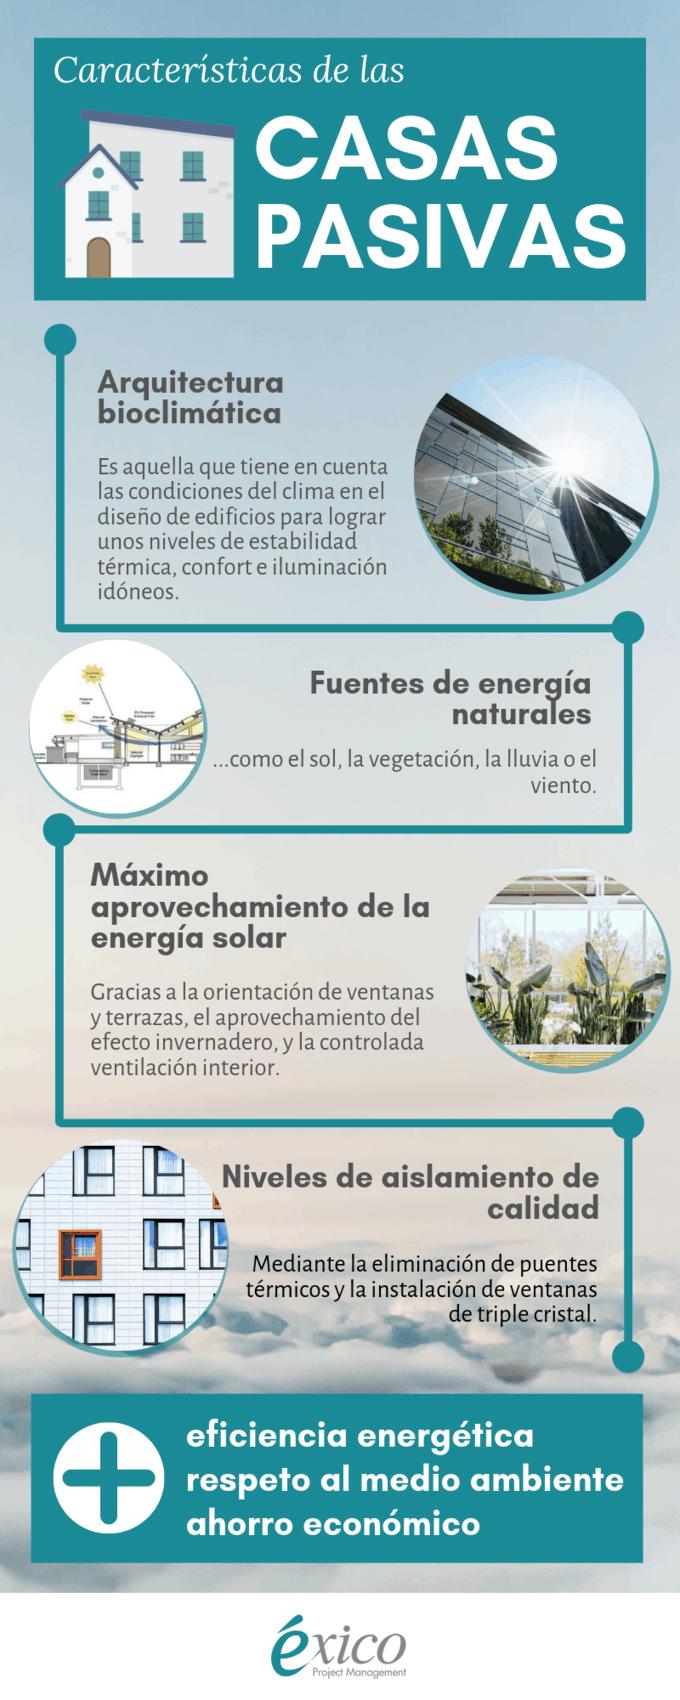 Infografía: Características de las casas pasivas